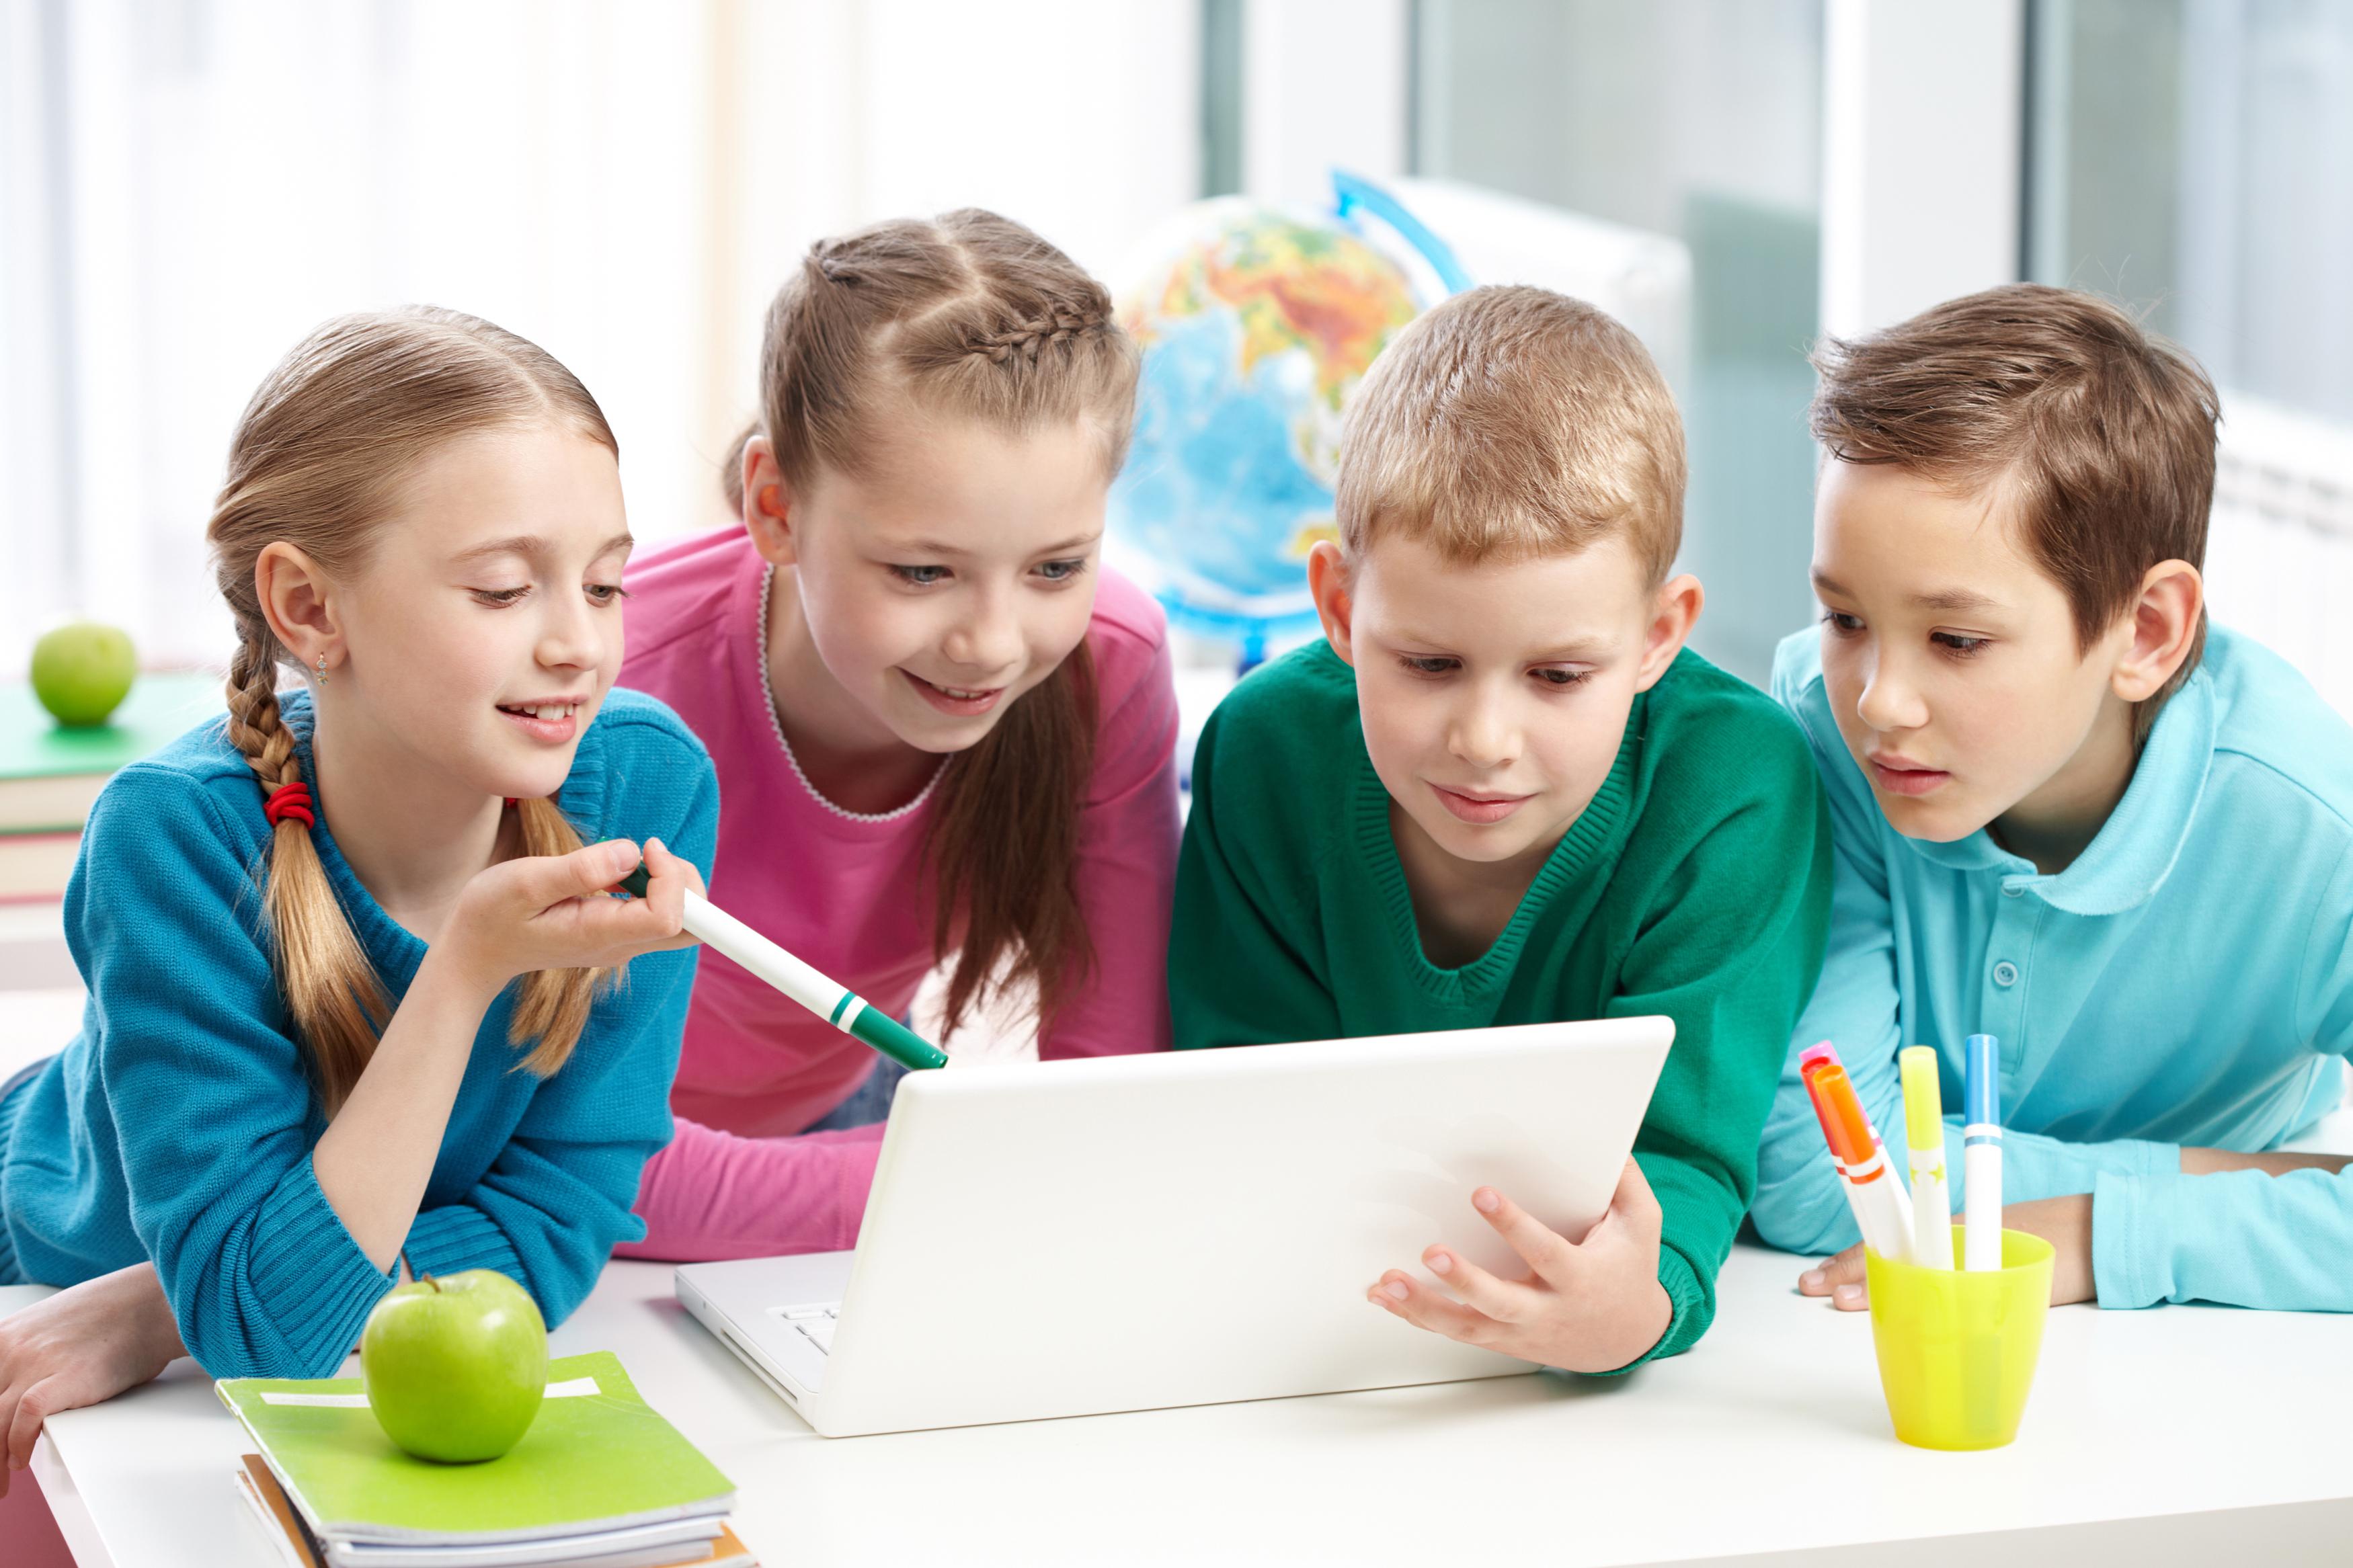 Niños realizando un trabajo en grupo para aprendizaje desde la emoción